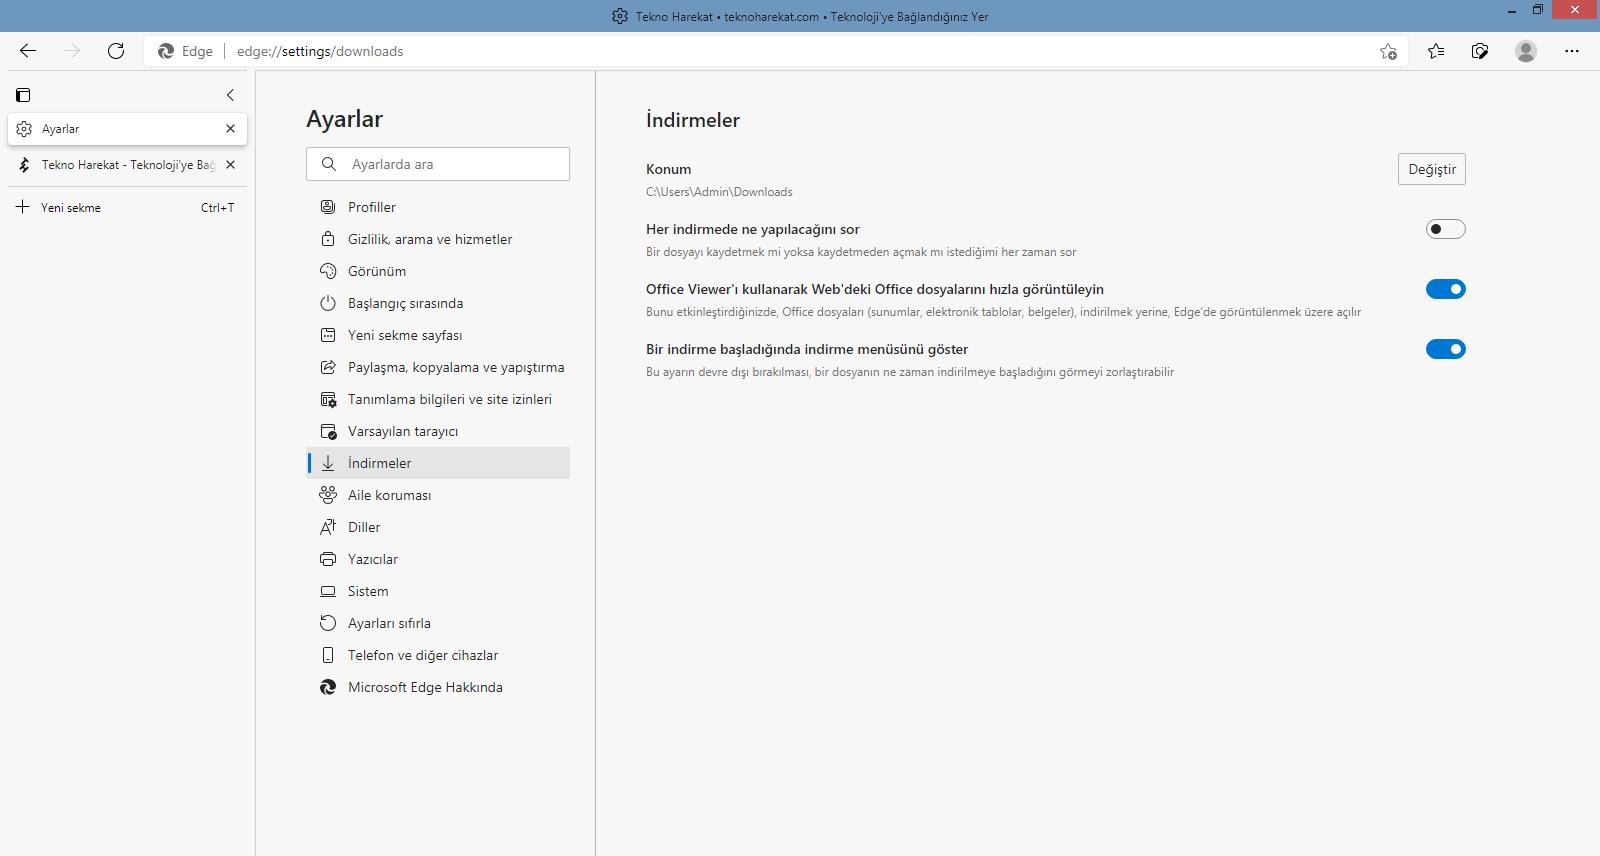 Microsoft Edge Office Görüntüleyici Özelliği Geldi. Microsoft Edge Chromium Güncel Sürüm Nasıl Kurulur?